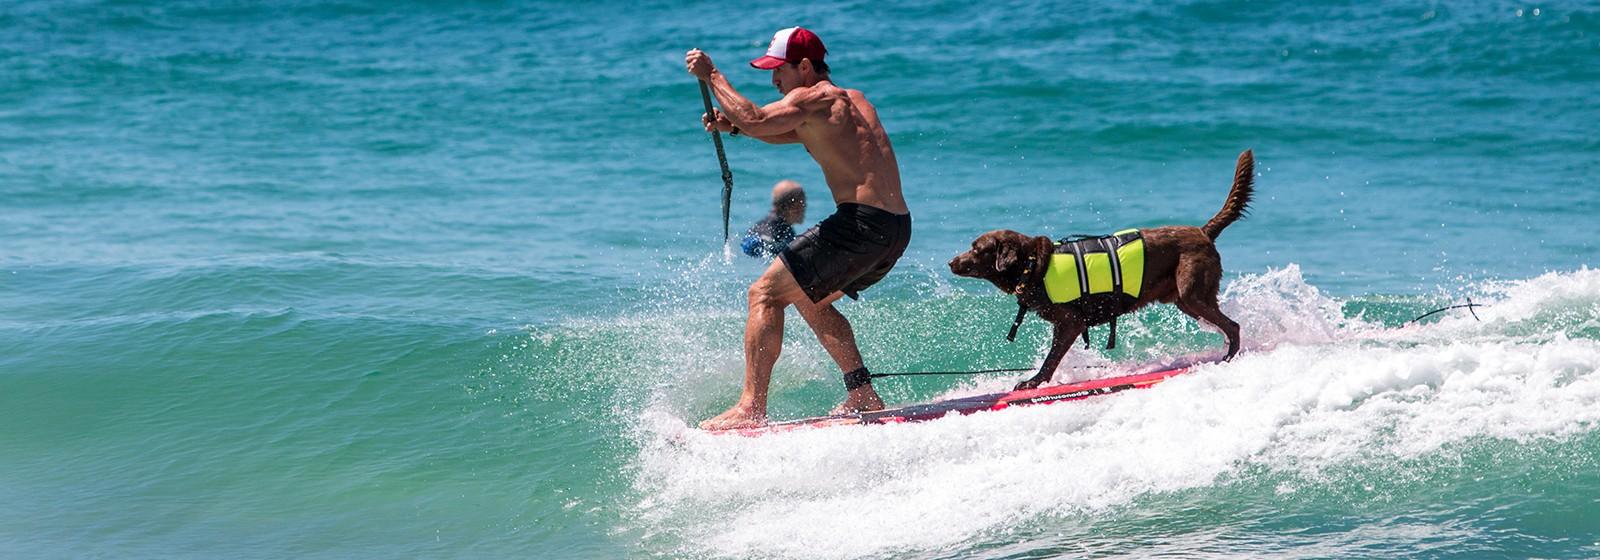 OFF INDICA Bono, O Cão Surfista